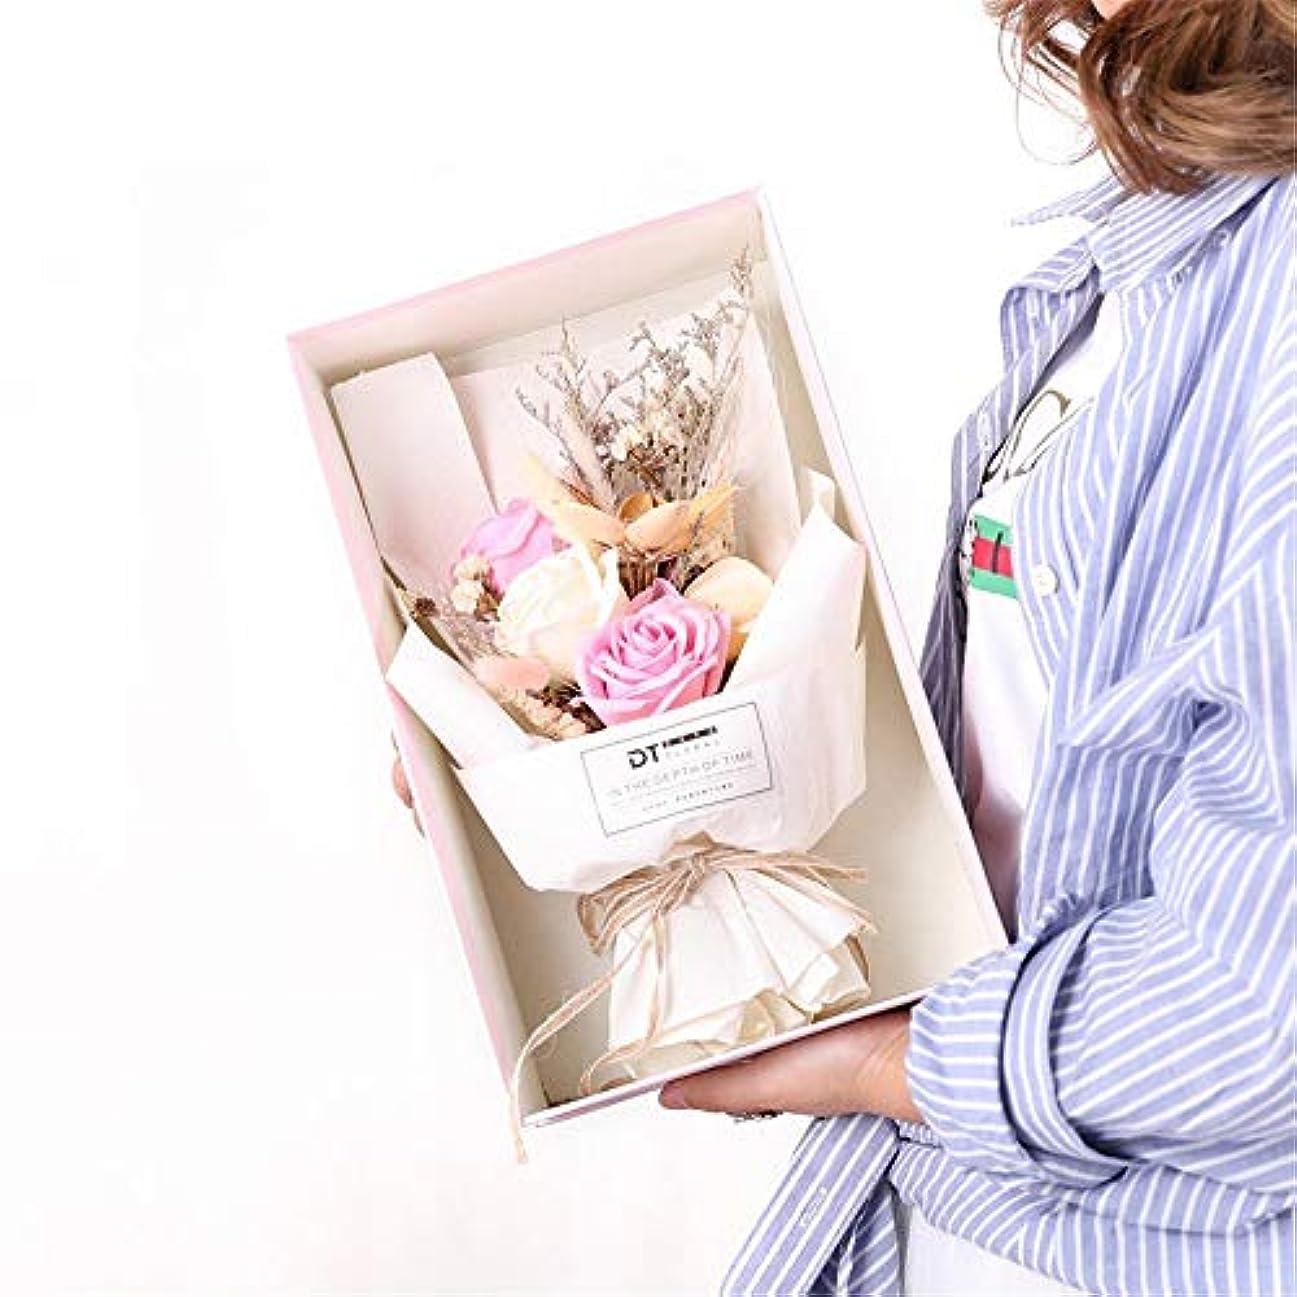 足牽引階手作りのバラ石鹸フラワーブーケのギフトボックス、女性のためのギフトバレンタインデー、母の日、結婚式、クリスマス、誕生日を愛した女の子 (色 : ピンク)